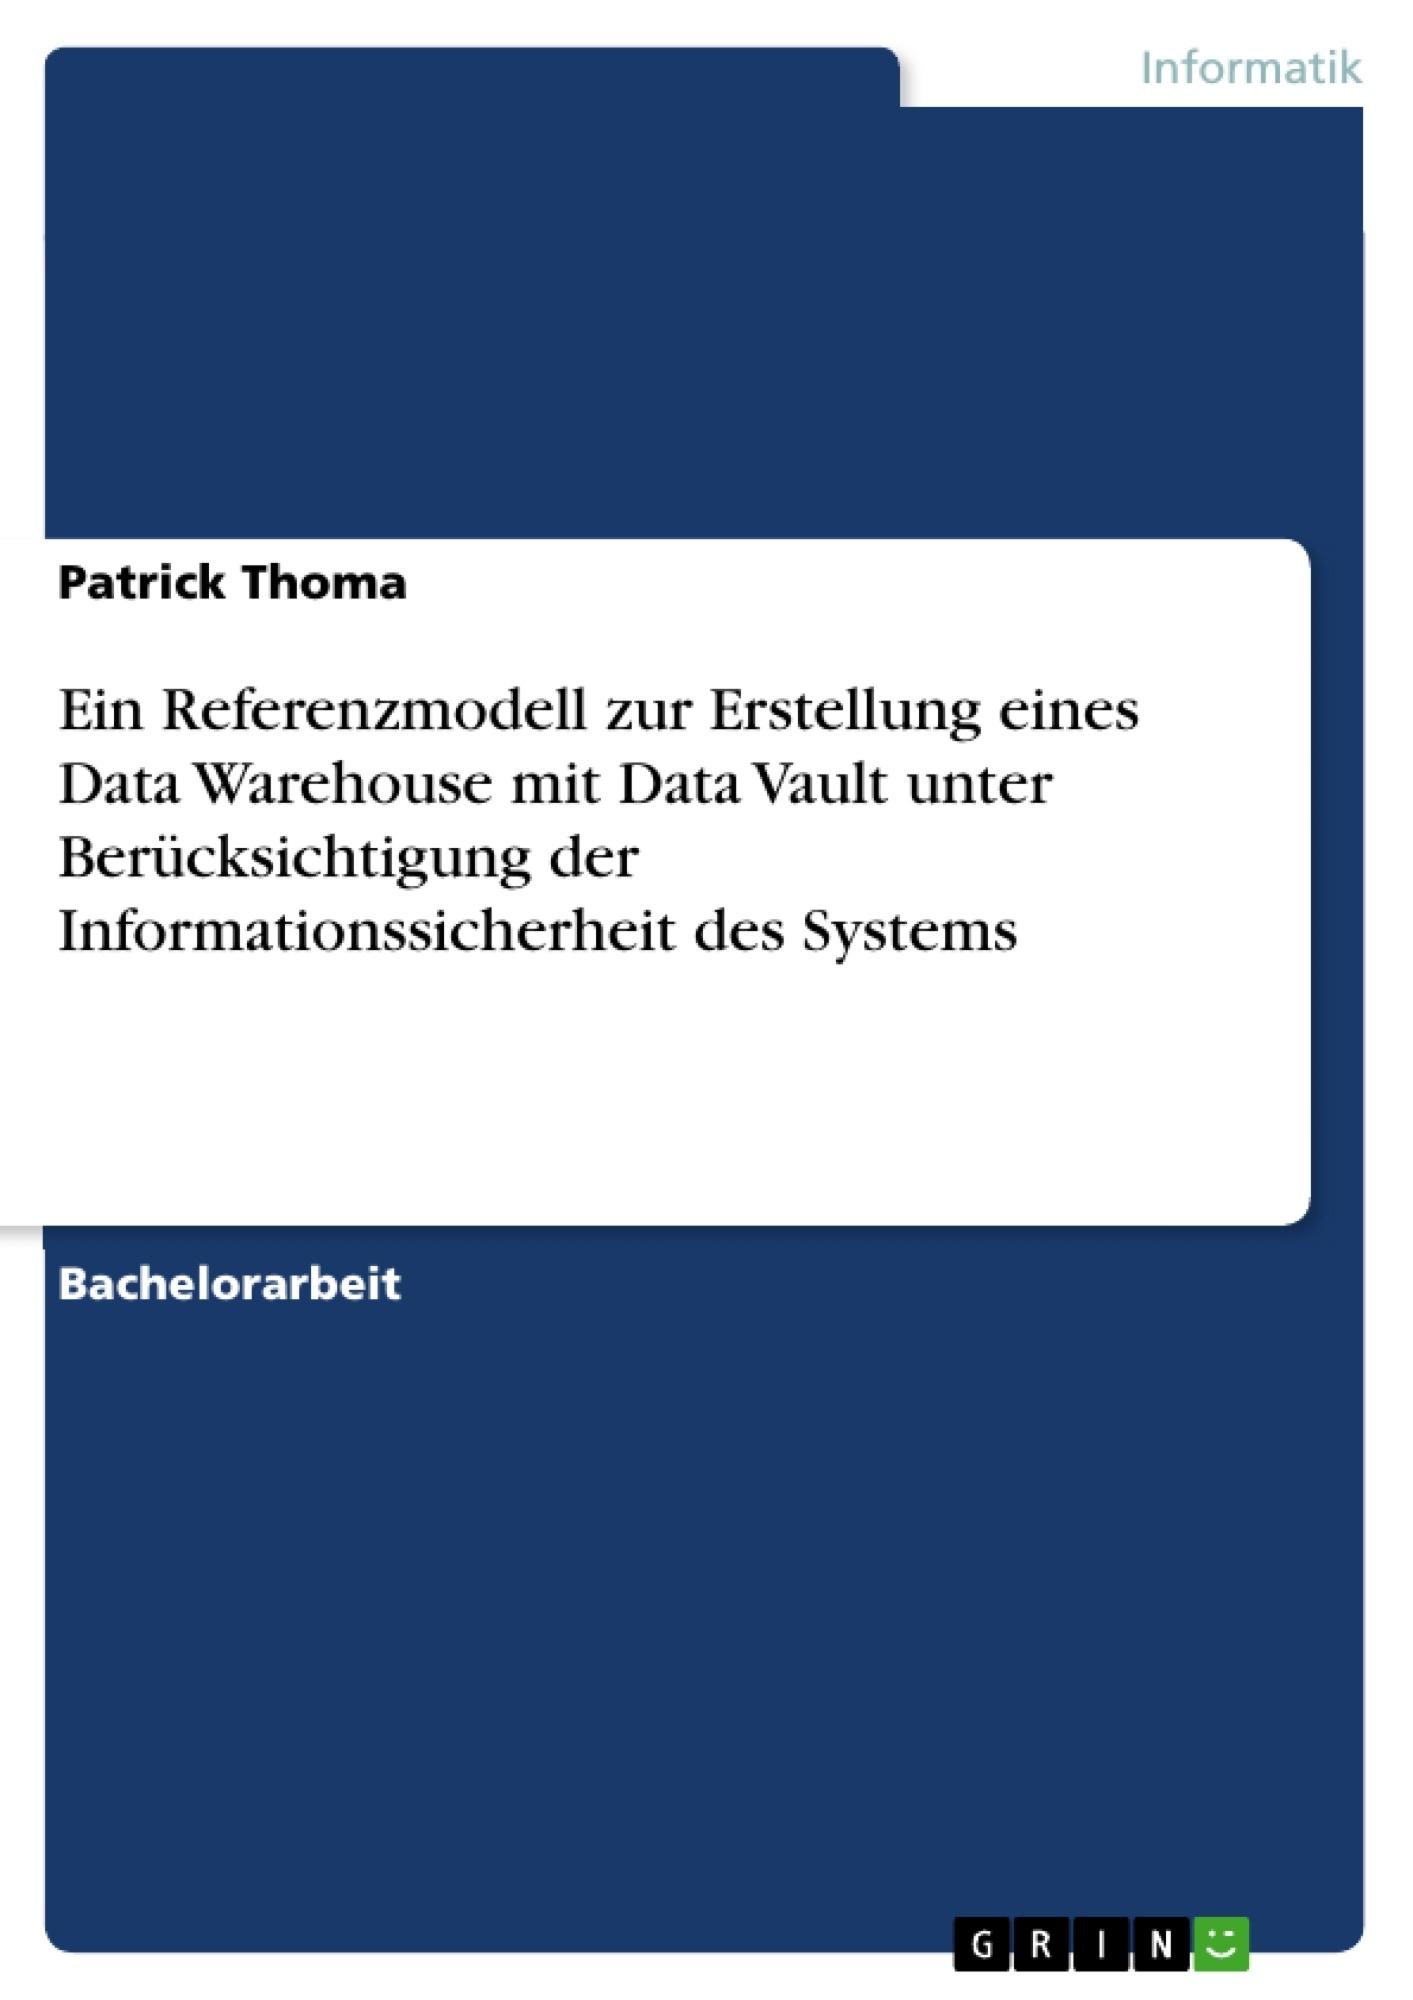 Titel: Ein Referenzmodell zur Erstellung eines Data Warehouse mit Data Vault unter Berücksichtigung der Informationssicherheit des Systems